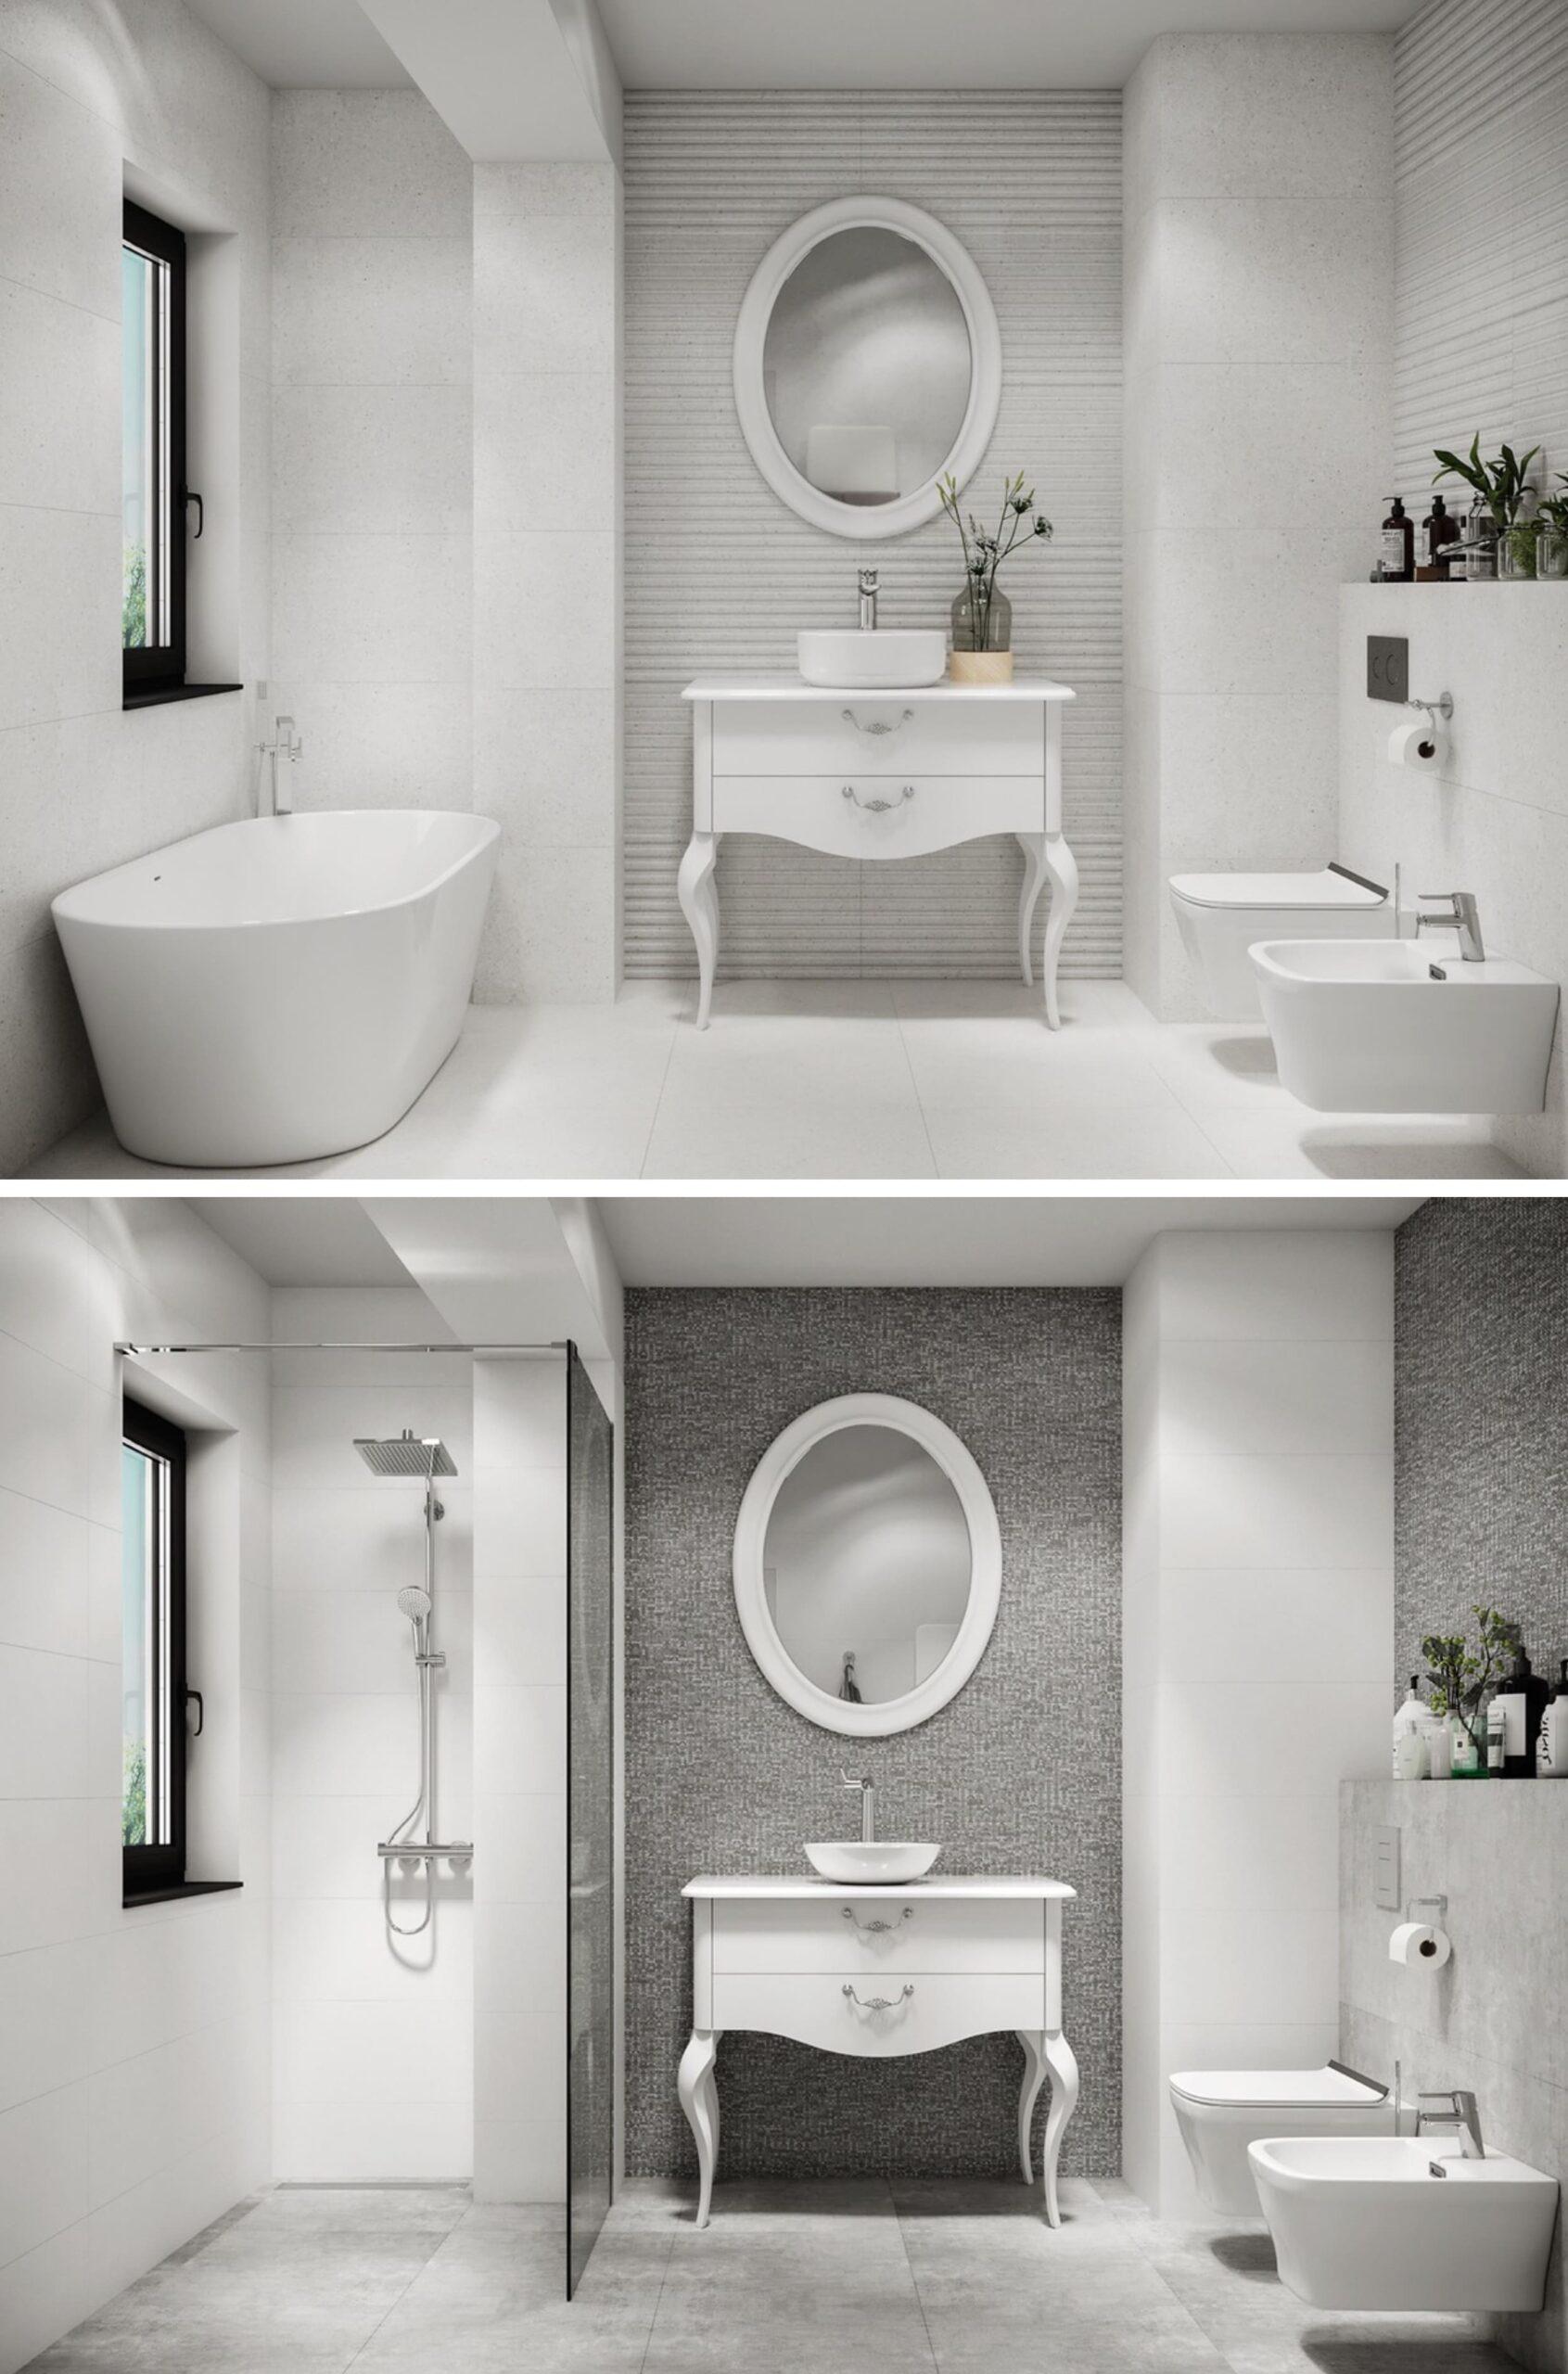 дизайн интерьера ванной комнаты фото 21